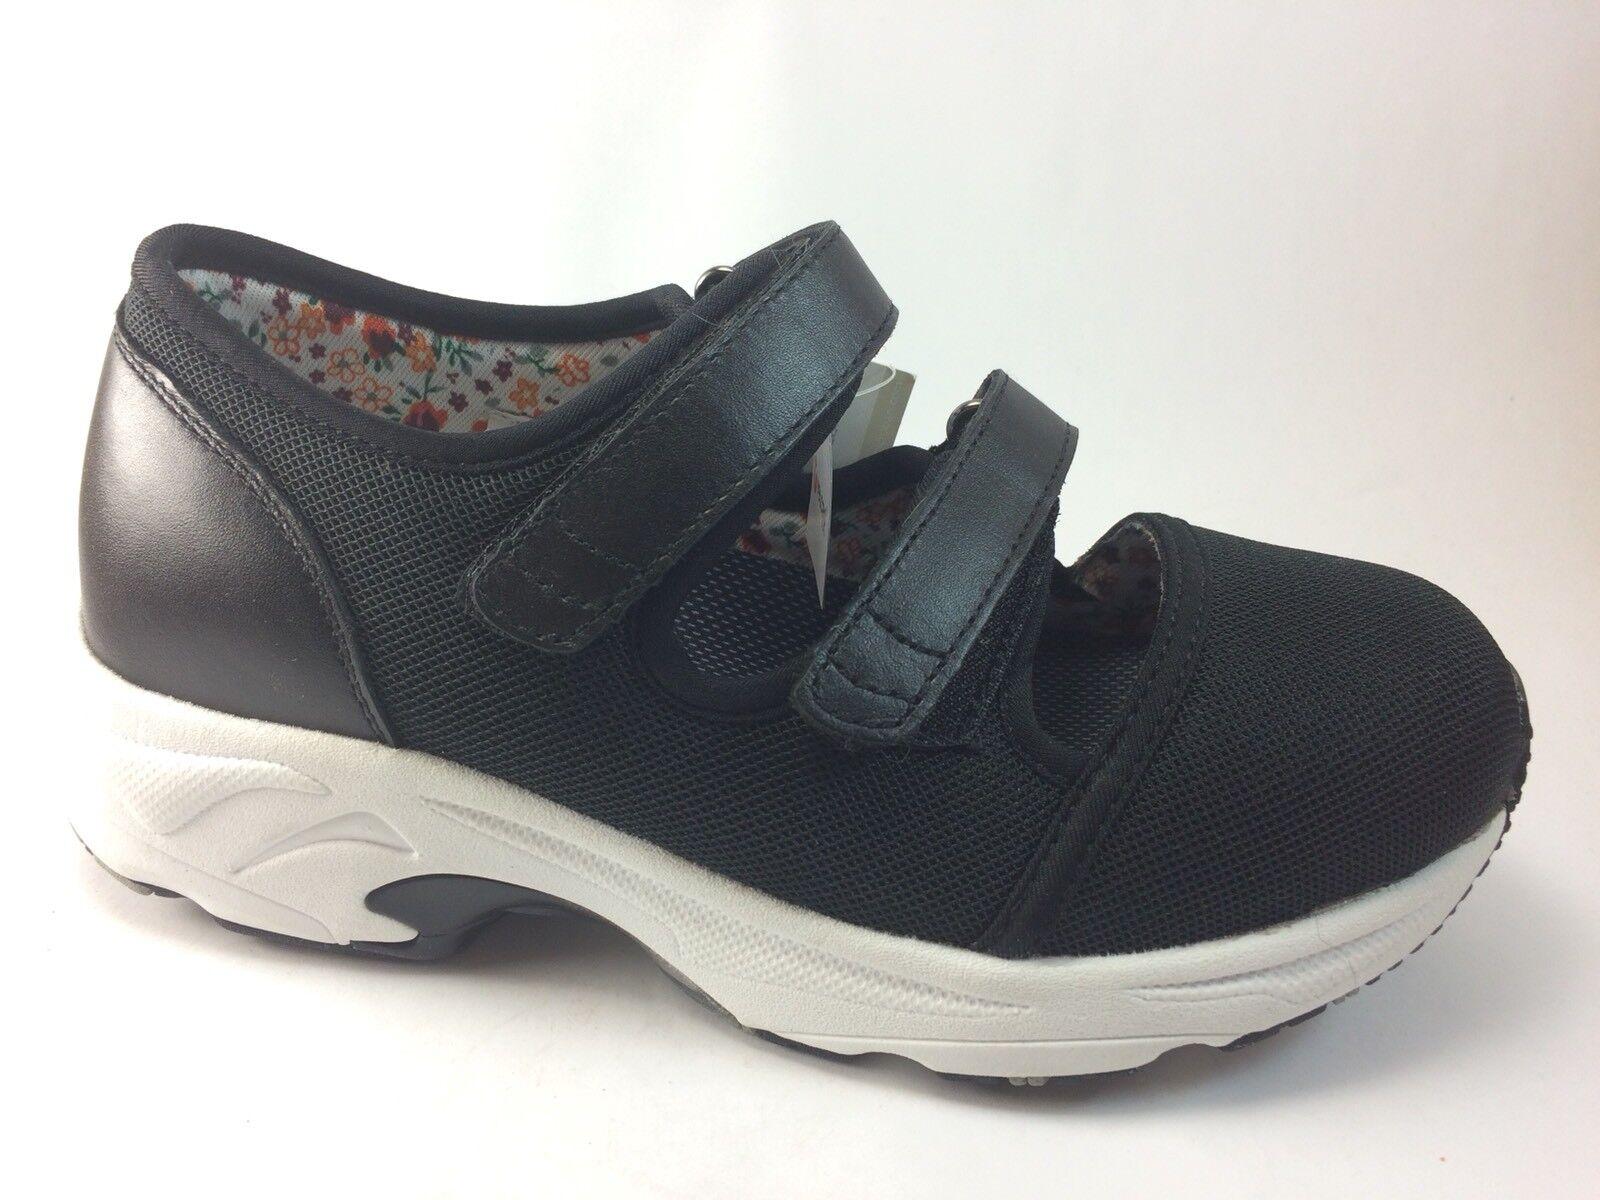 Drew shoes Solo Women's Black Athletic shoes Size 5.5 W